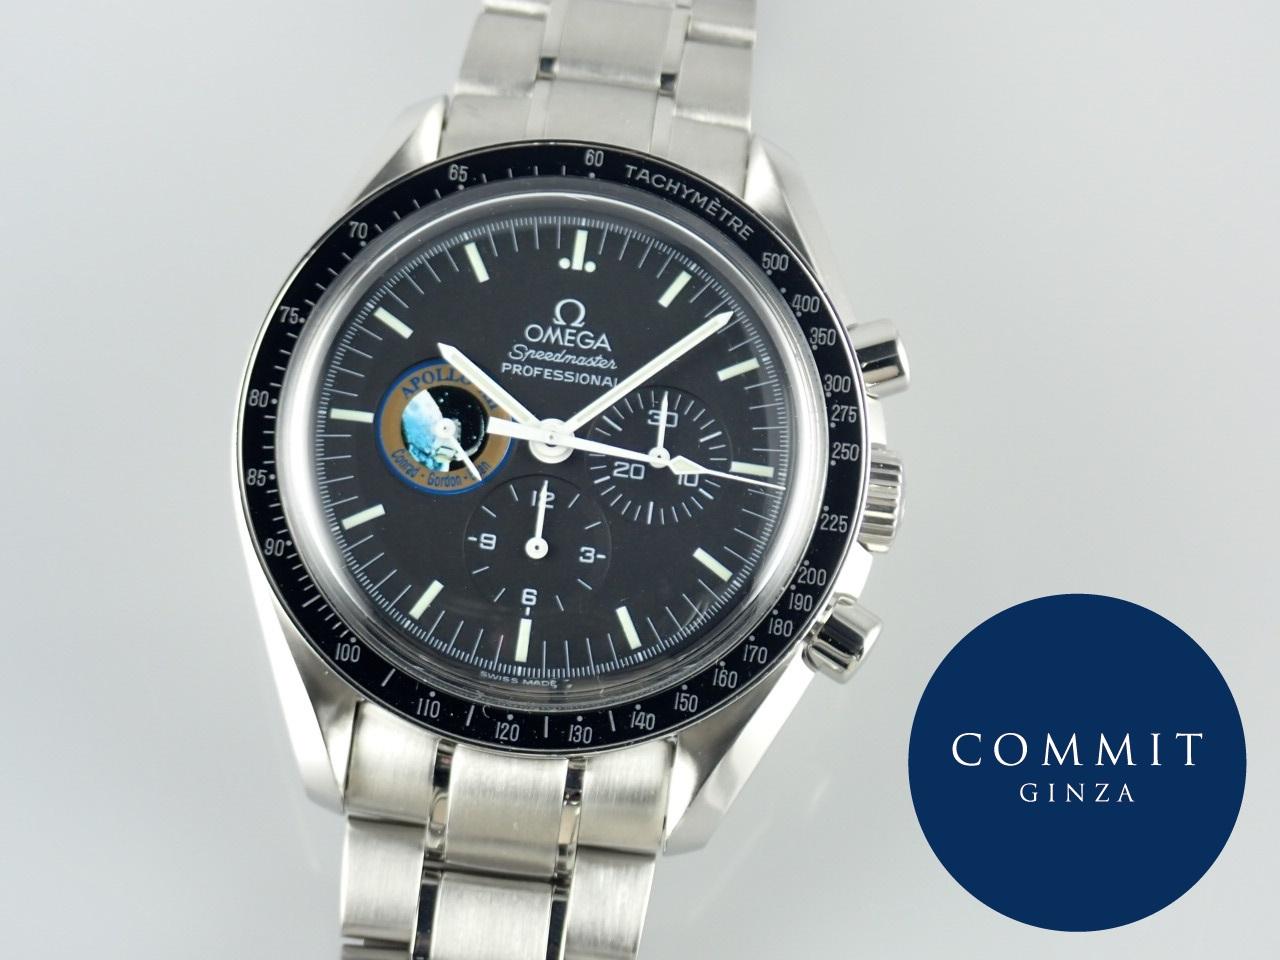 オメガ スピードマスター プロフェッショナル ミッションズ アポロ12号 ≪保証書・箱・その他≫